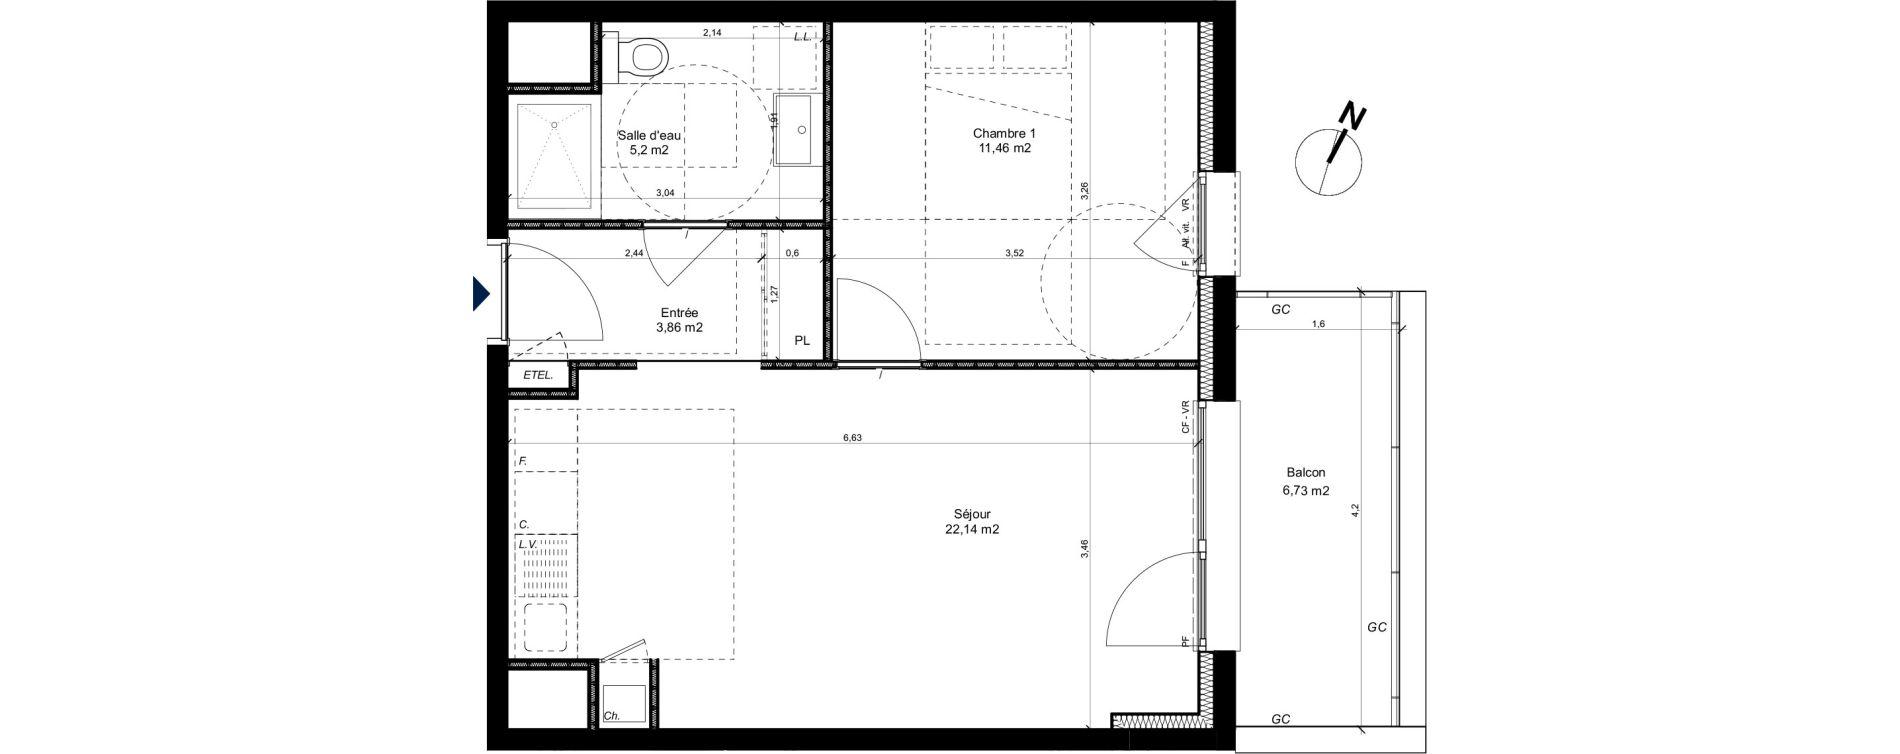 Appartement T2 de 42,79 m2 à Metz Patrotte - metz nord